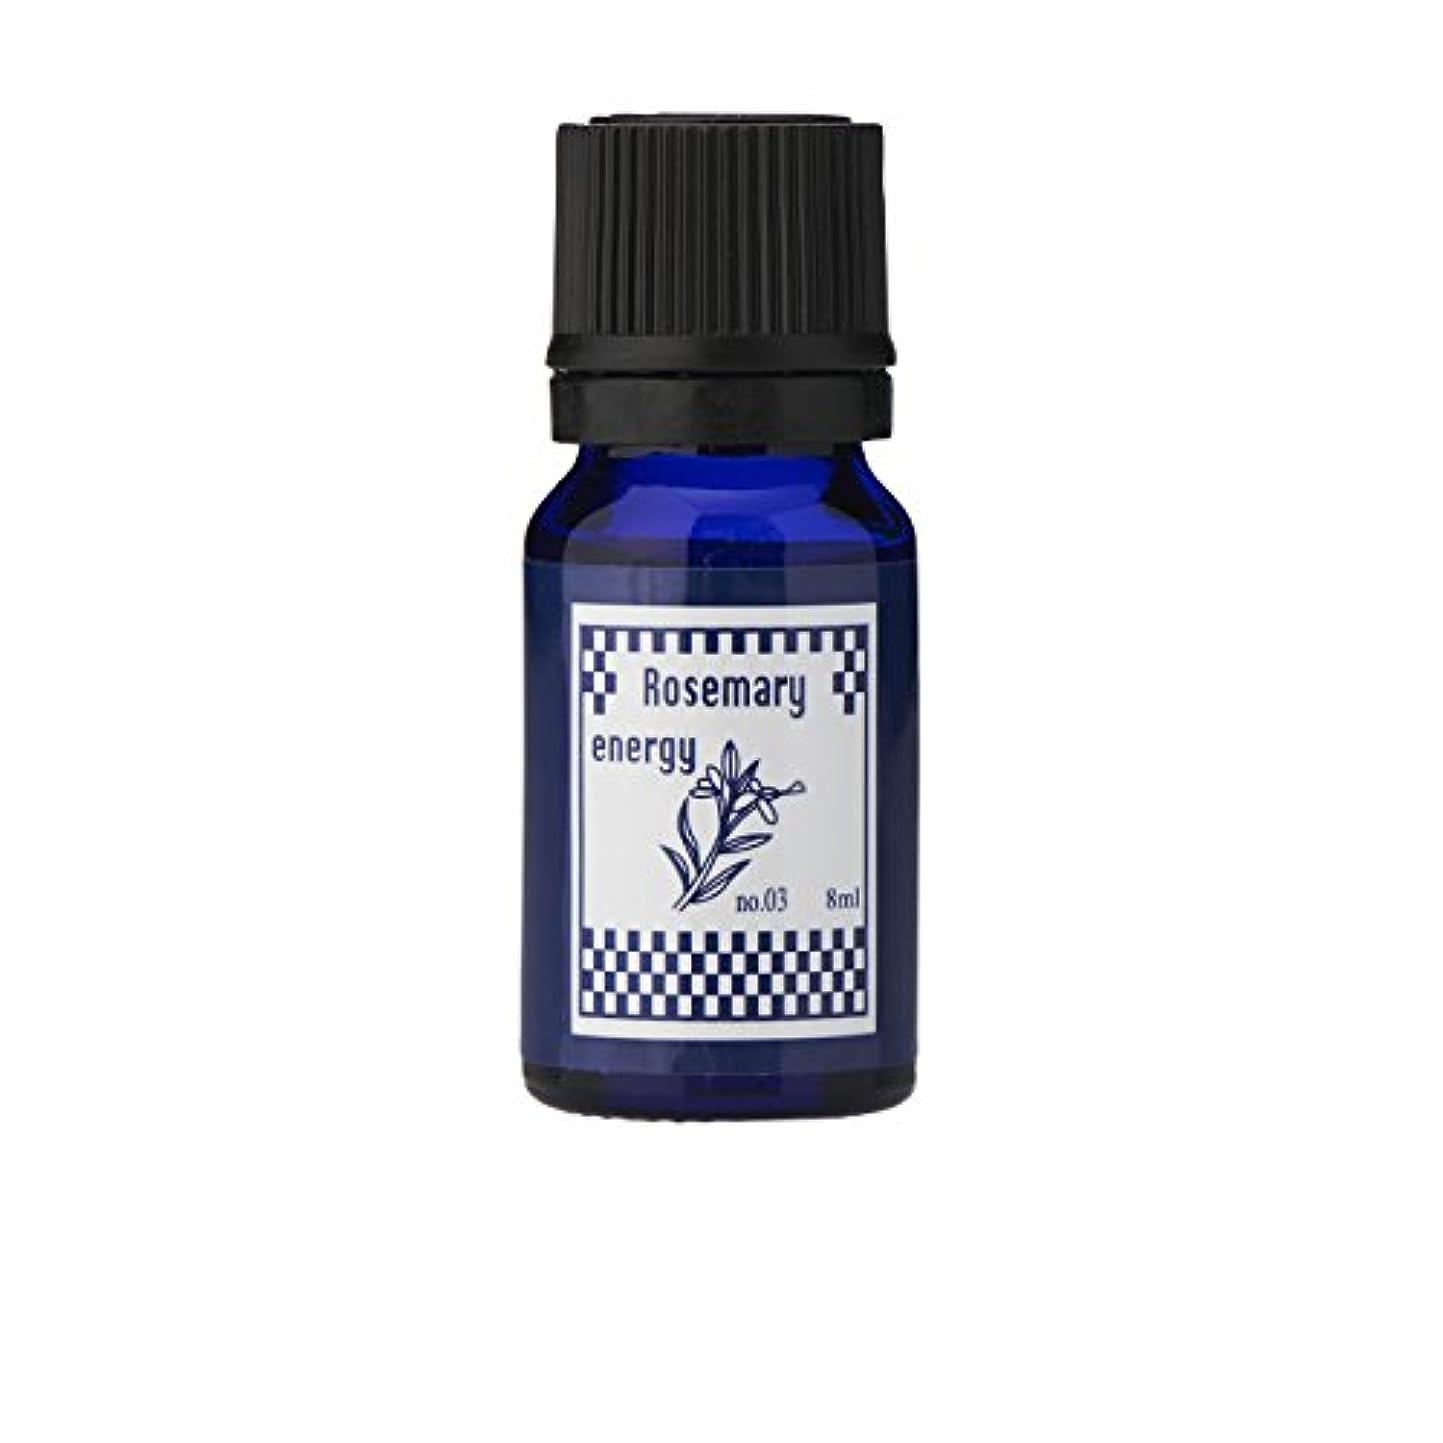 超えて溶ける柔らかい足ブルーラベル アロマエッセンス8ml ローズマリー(アロマオイル 調合香料 芳香用)